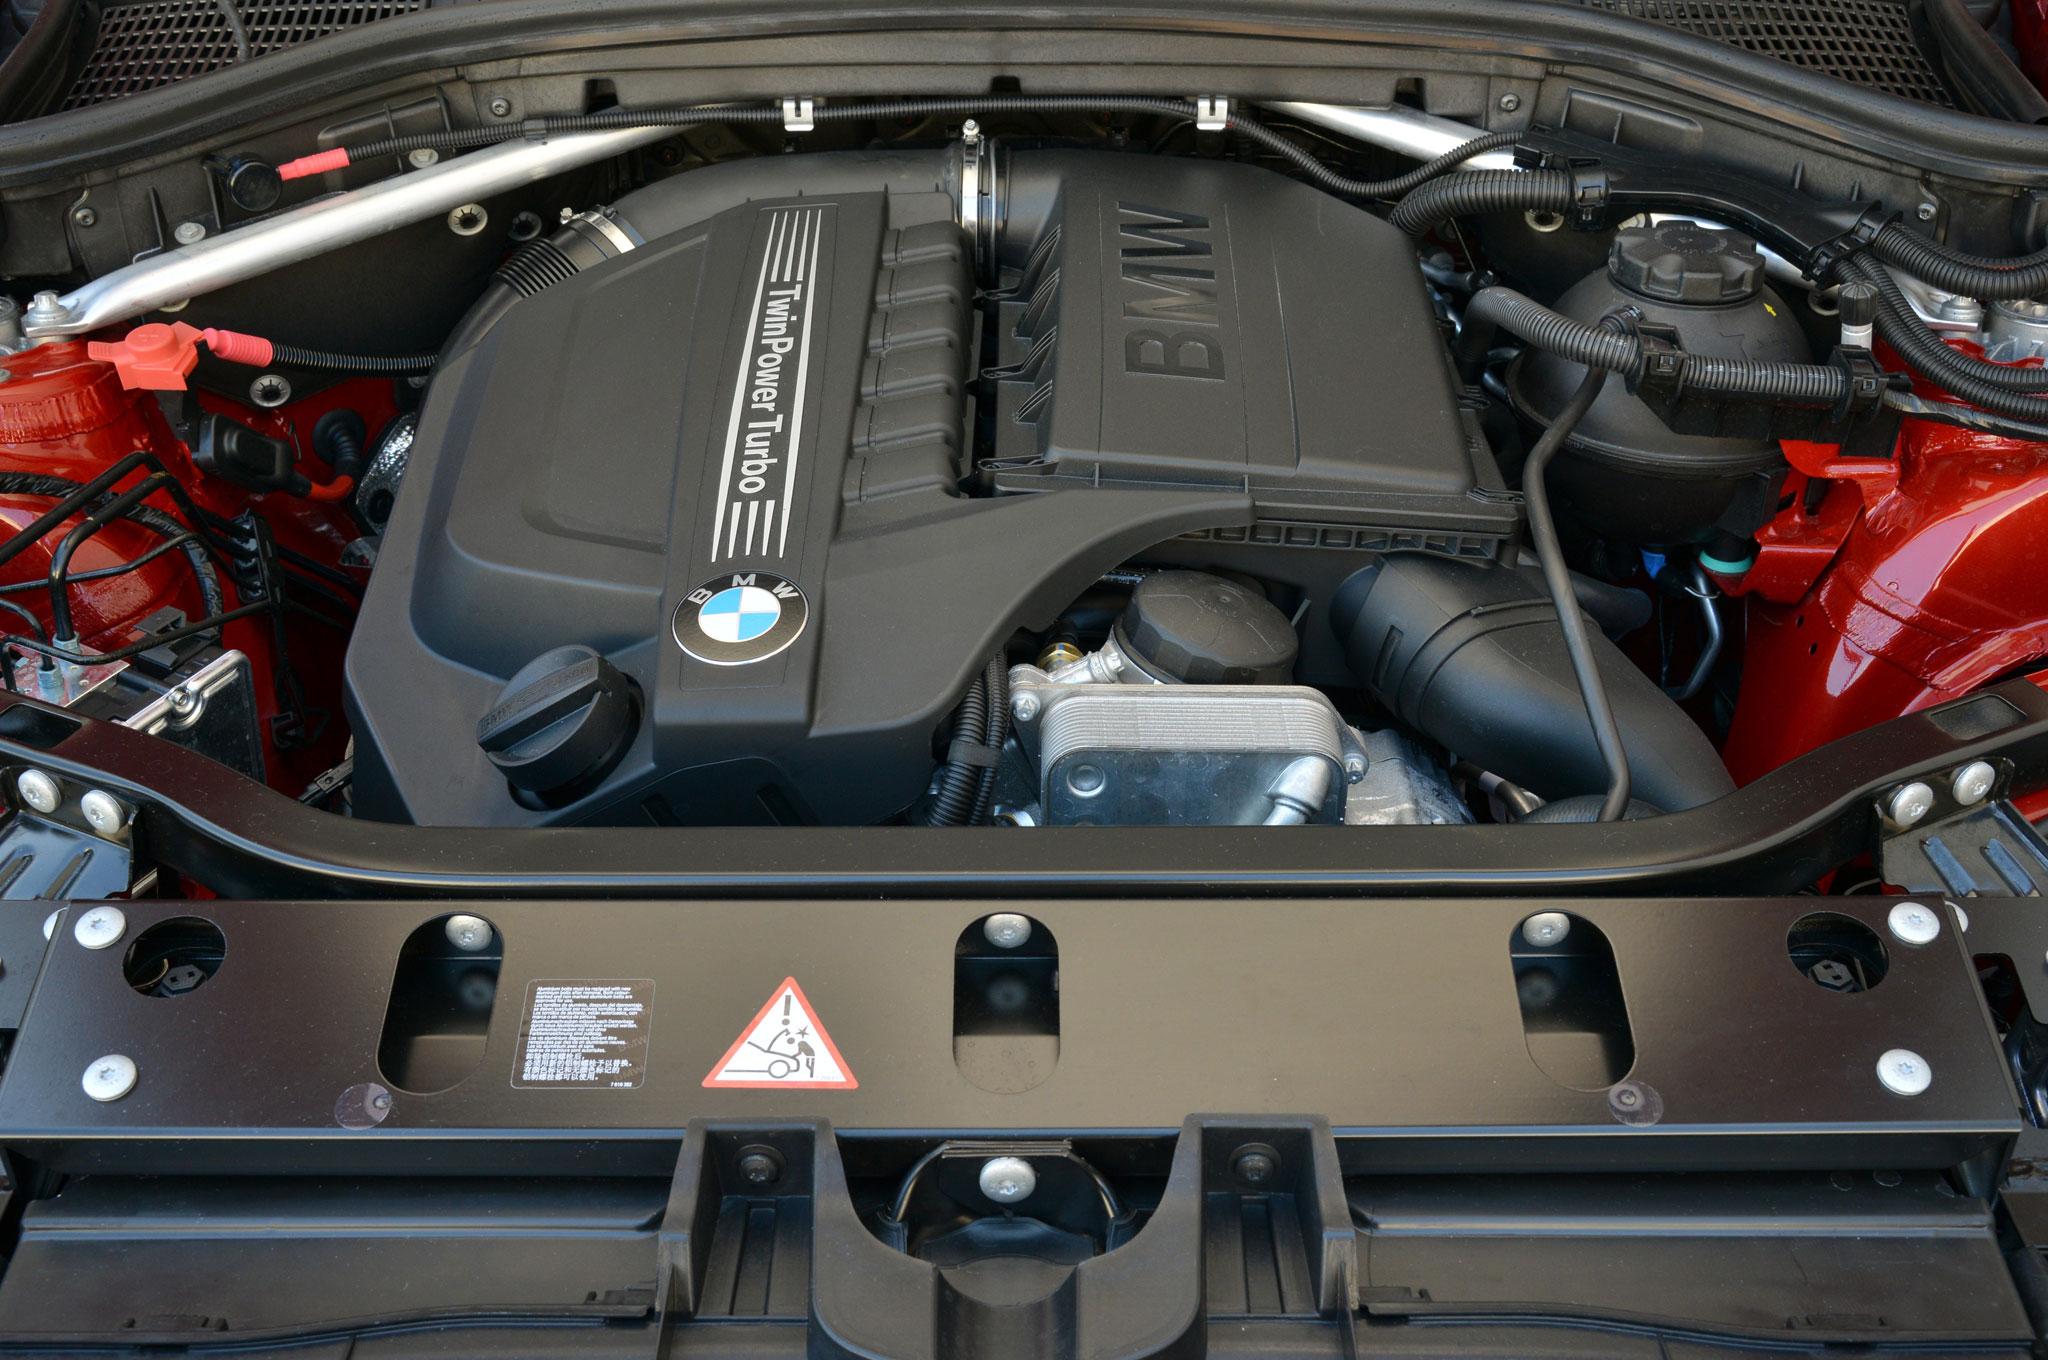 2015 BMW X4 Engine View